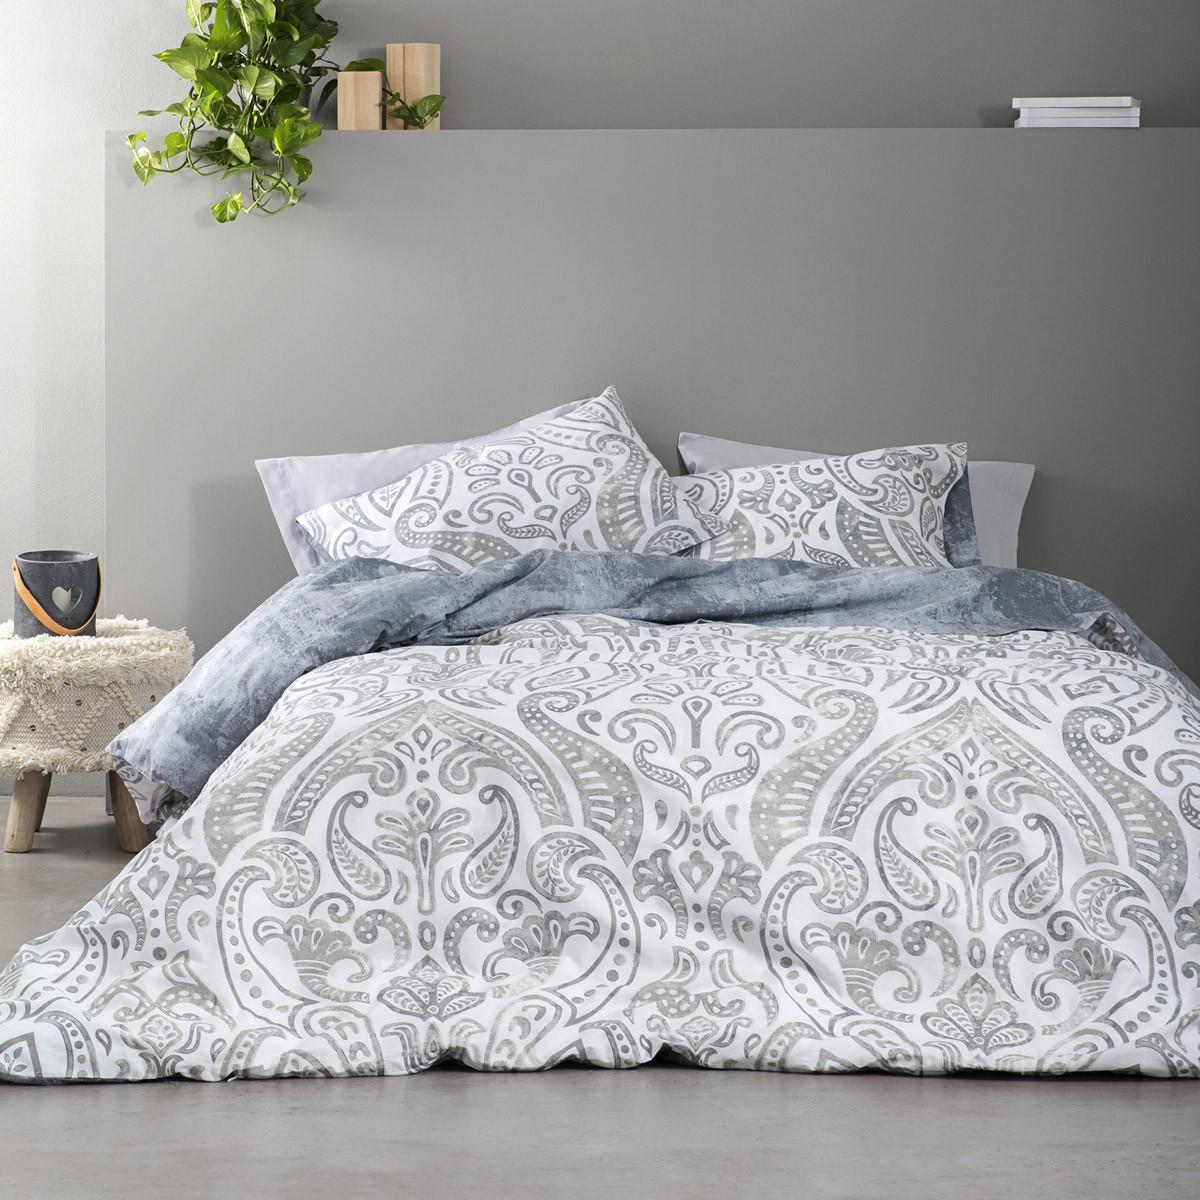 Σεντόνια King Size (Σετ) Nima Bed Linen Alessa